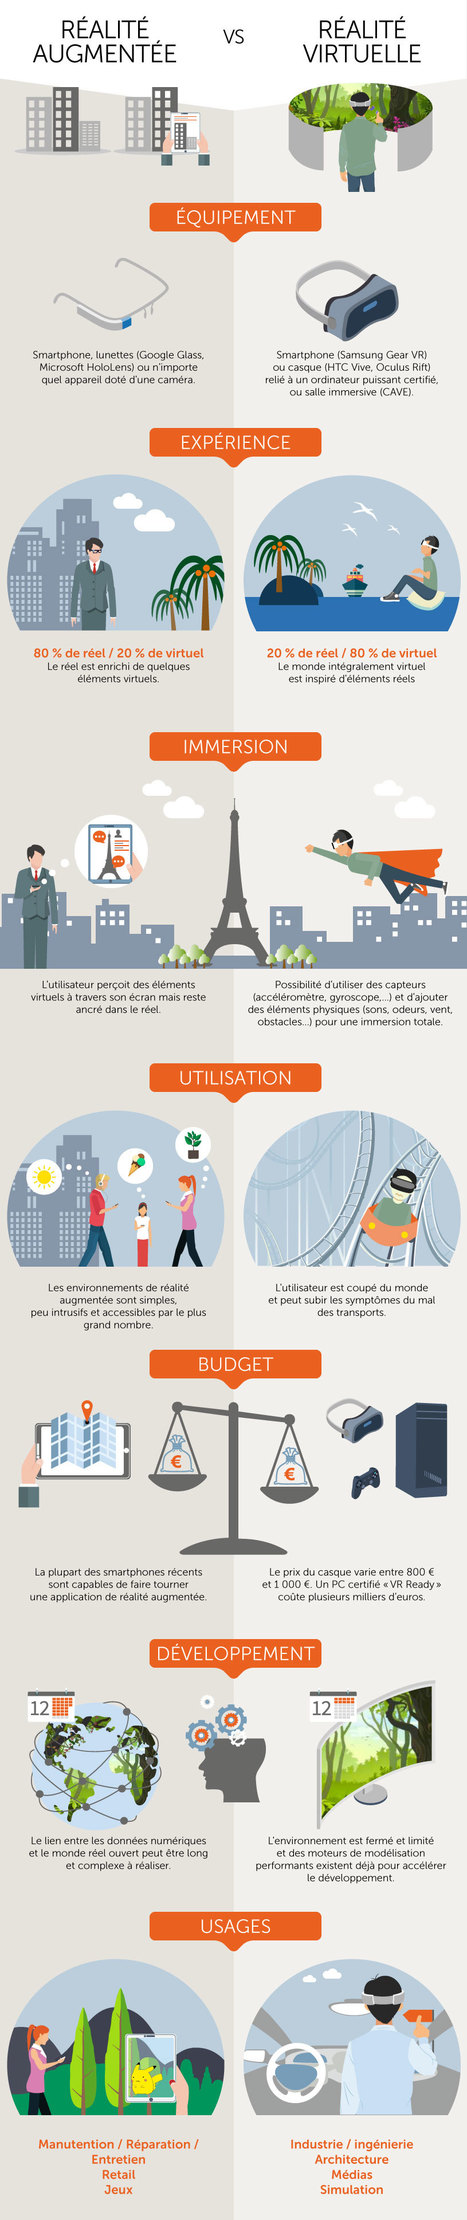 (Infographie) Réalité augmentée vs réalité virtuelle : le match | Vous avez dit Innovation ? | Scoop.it